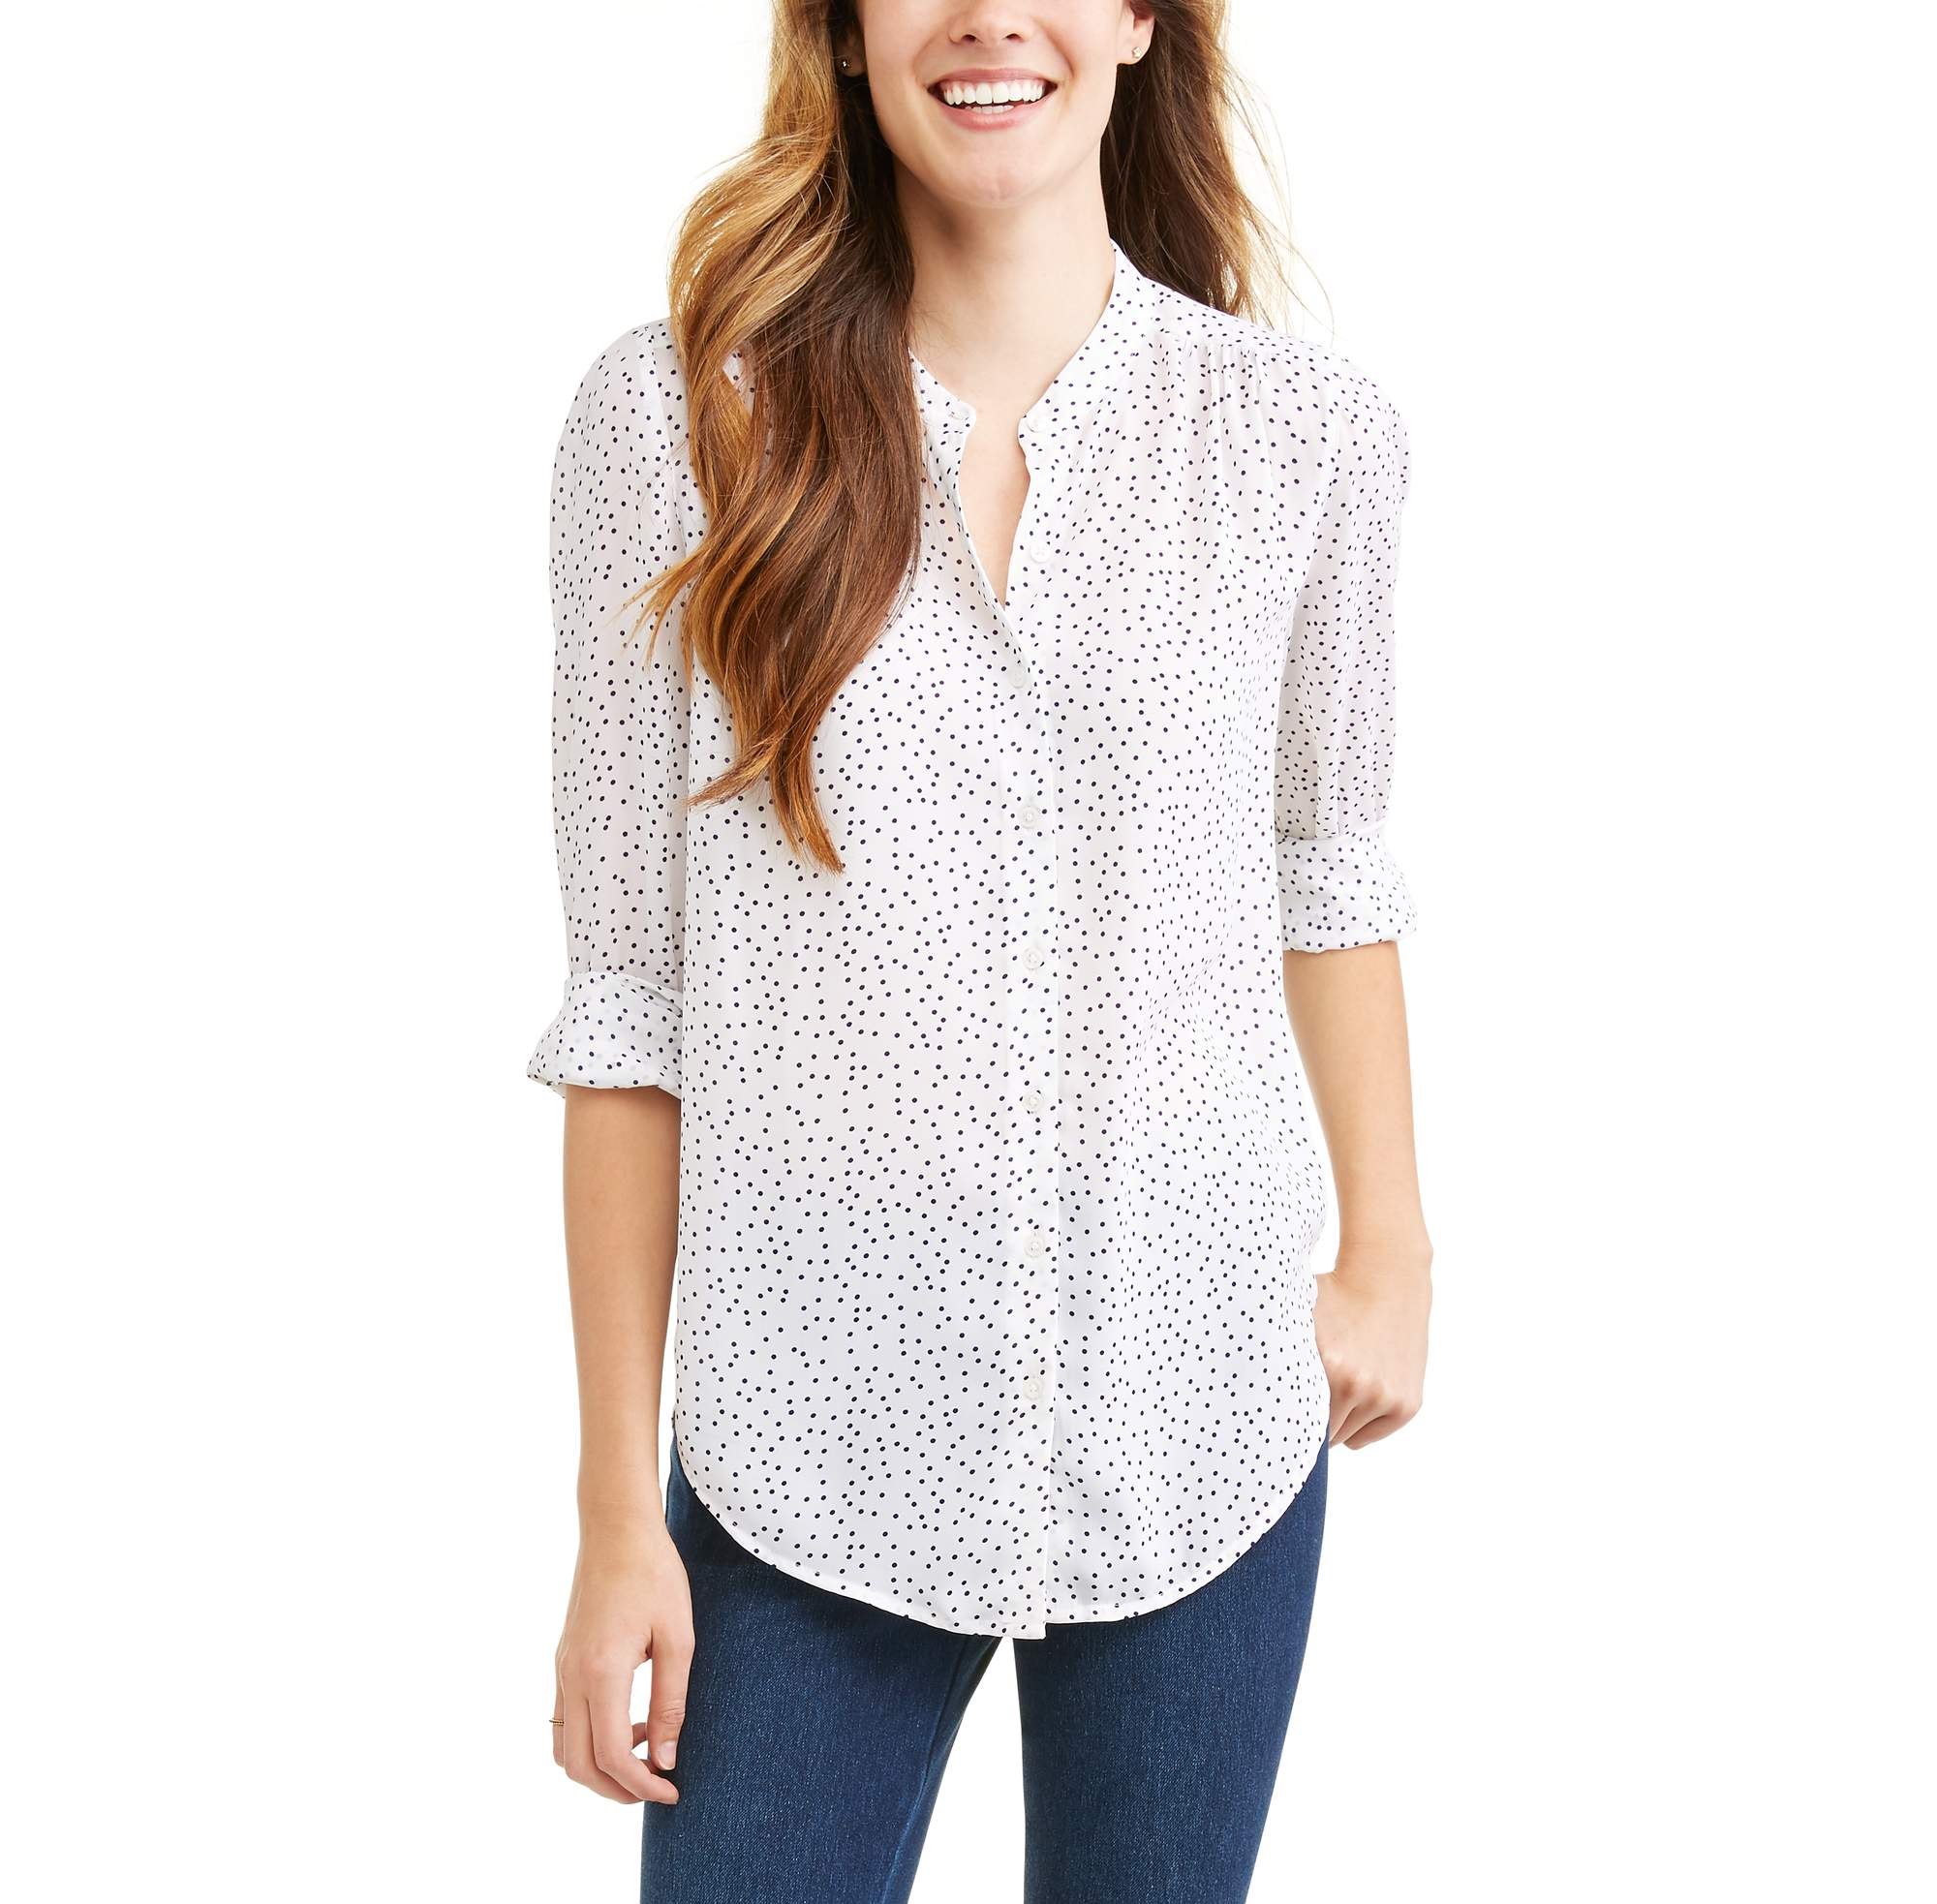 Walmart, Elizabeth stuart, estilista